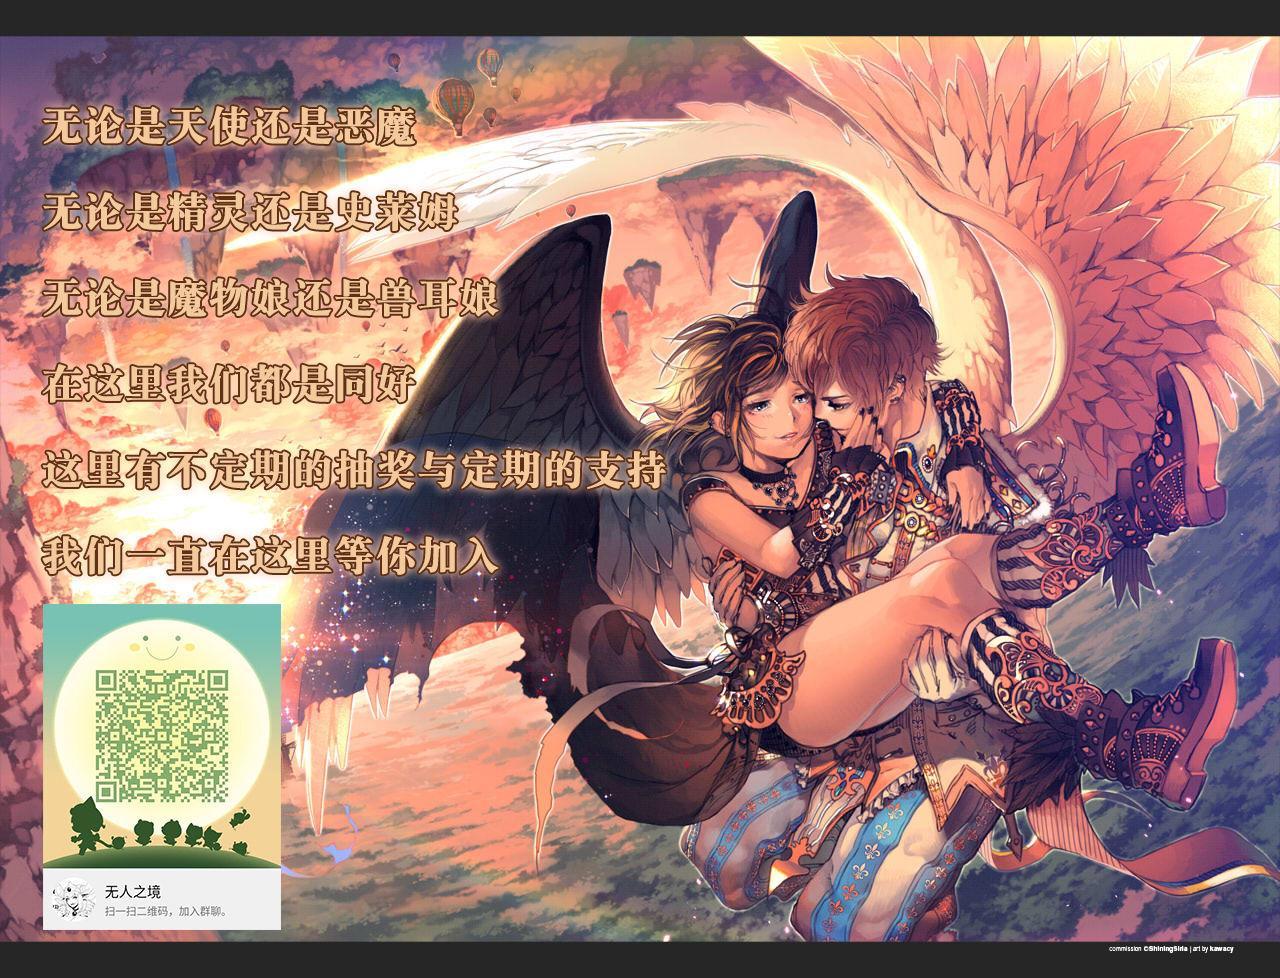 [Morikoke] Chijoku no Mori -Elf Kanraku- ch.1-5 [Chinese] [逃亡者x新桥月白日语社汉化] [Digital] 42